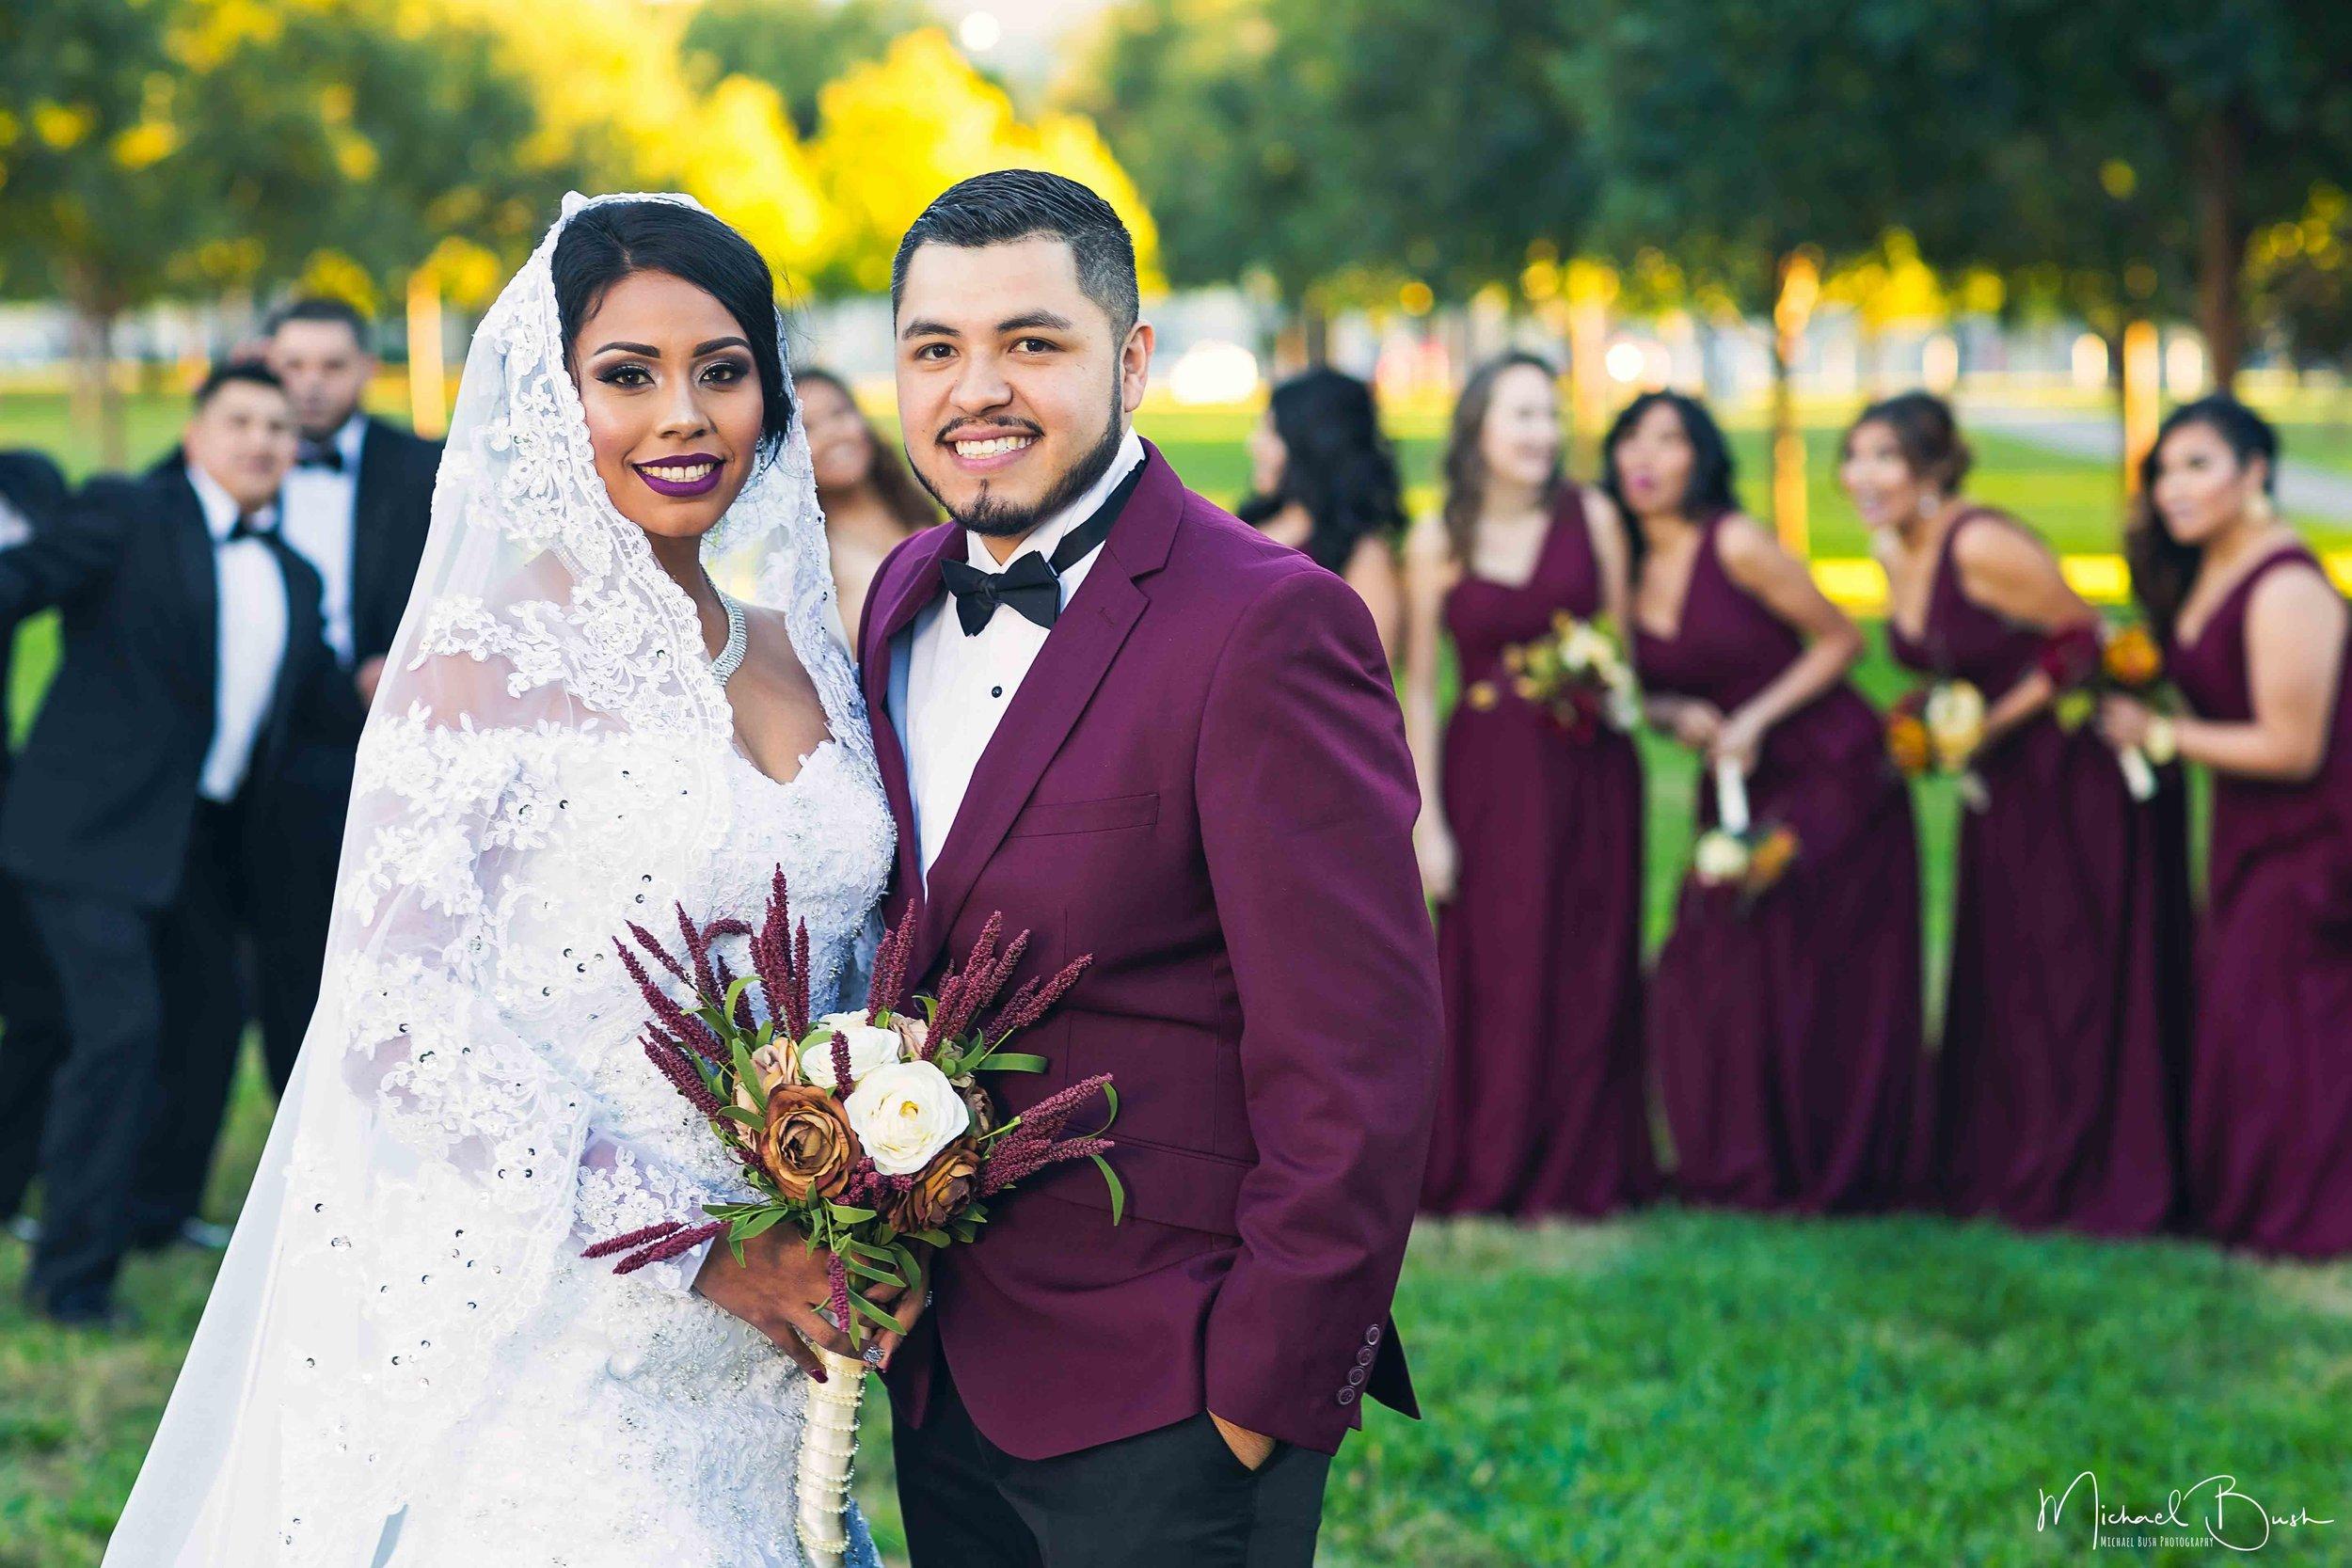 Bridaparty-bride-groom-bride&groom.jpg